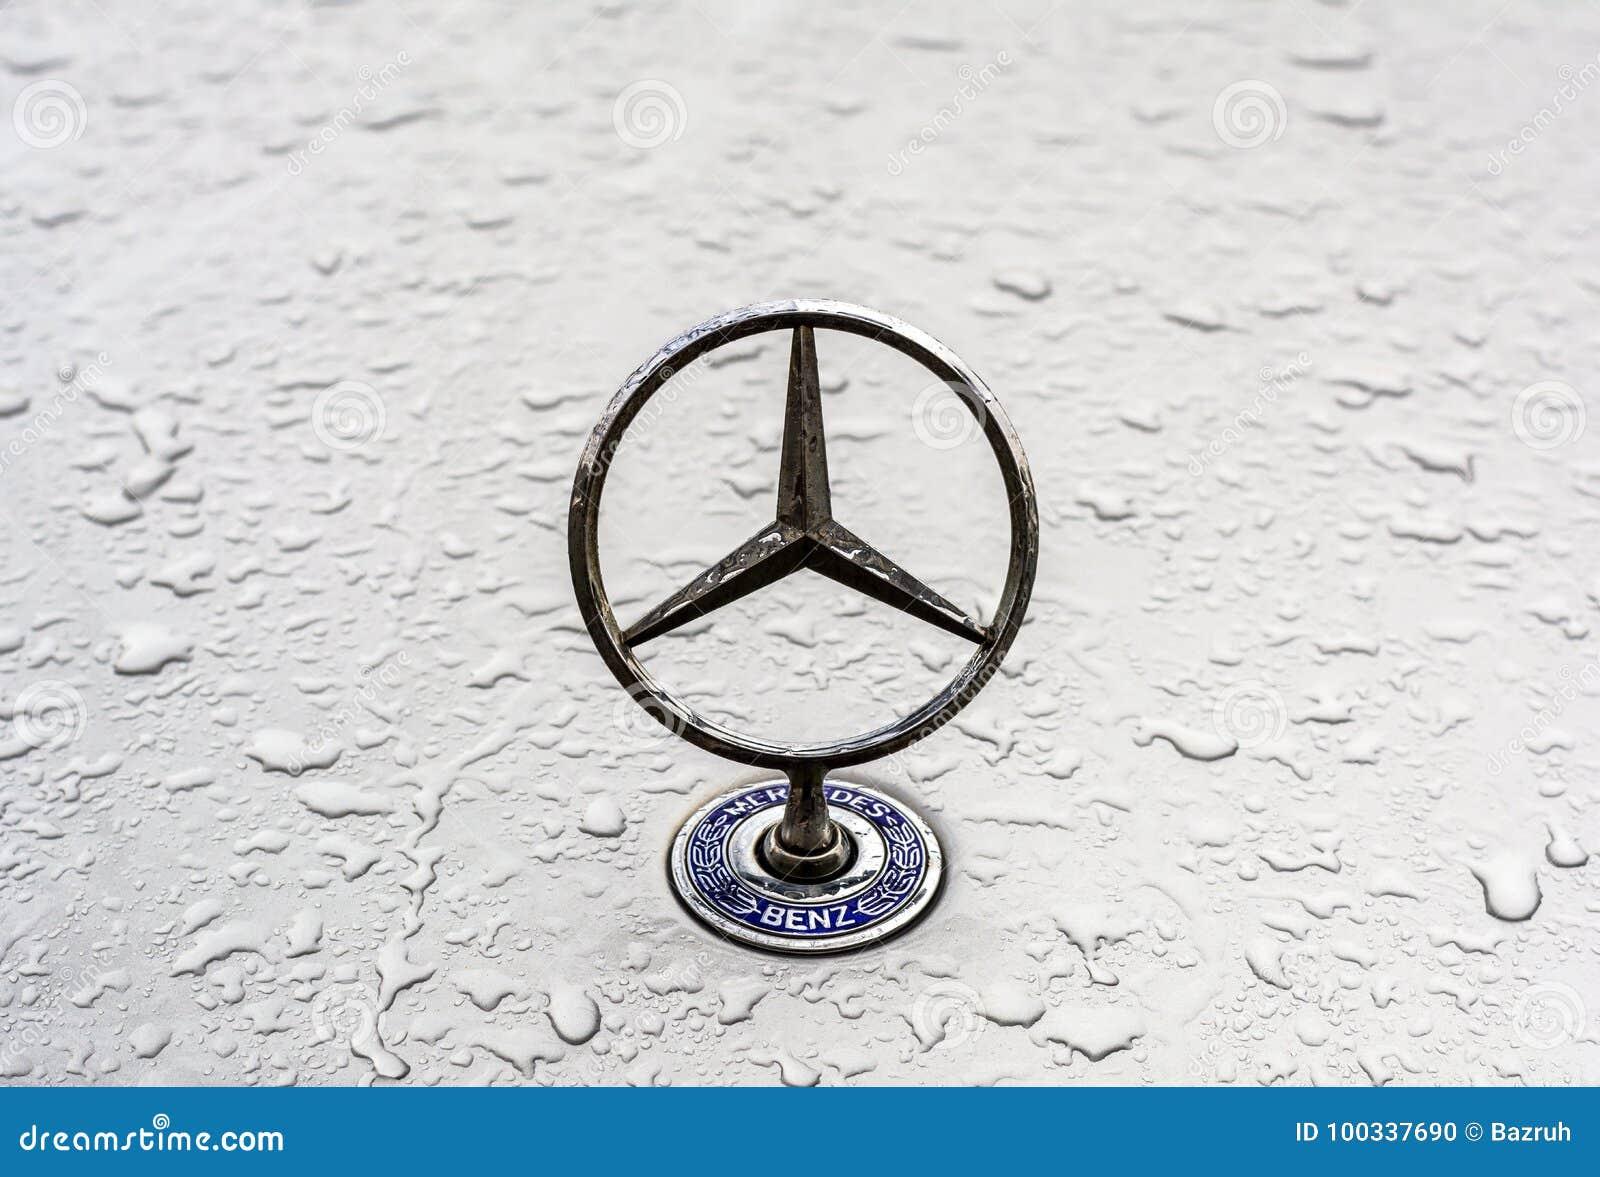 25th выставка автомобильной дороги s сентября mercedes логоса фарфора chengdu benz 14-ые 16th 2011 к западу